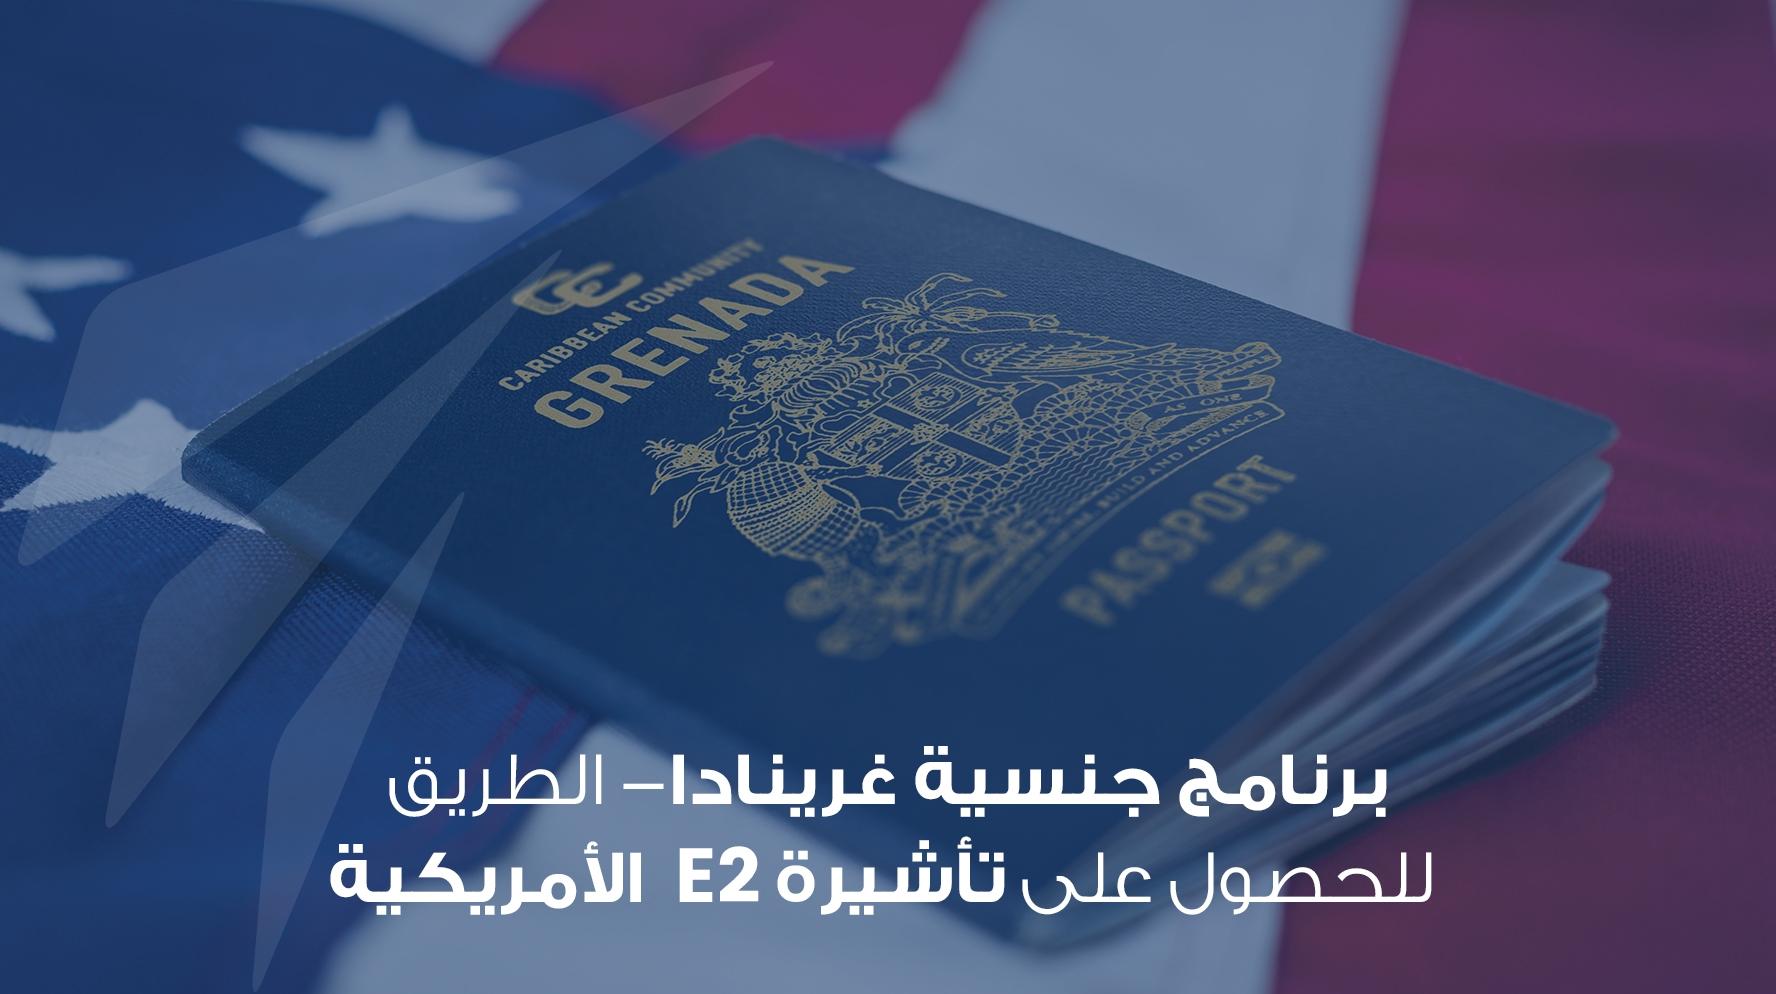 برنامج جنسية غرينادا- الطريق للحصول على تأشيرة E2  الأمريكية